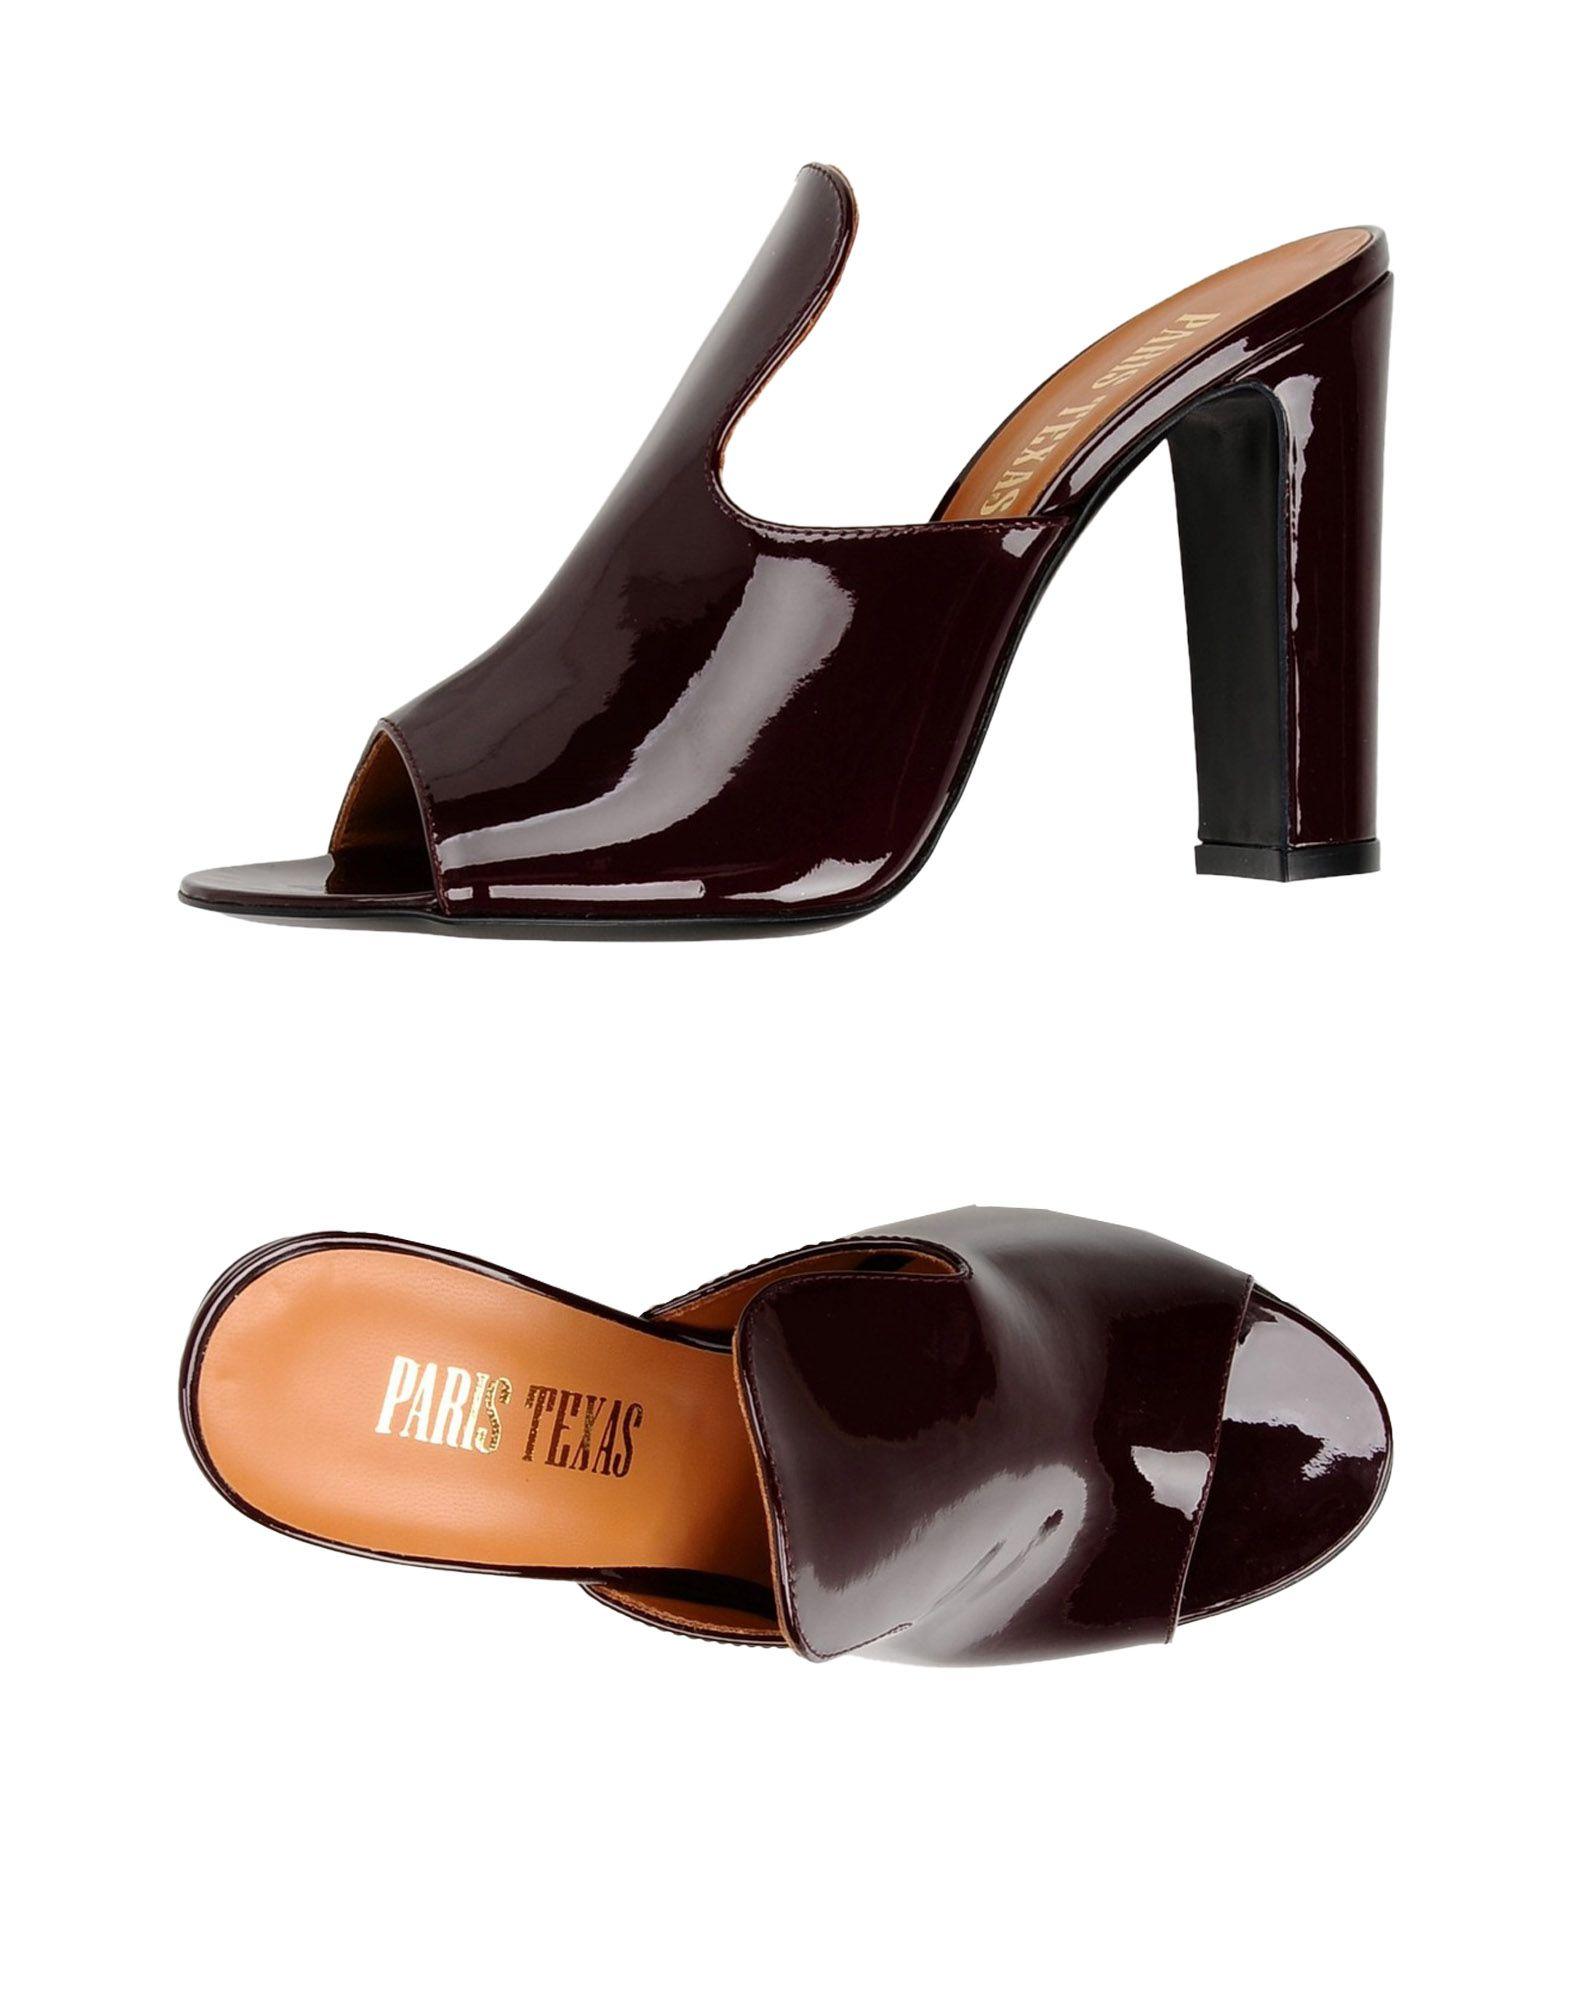 Haltbare Mode Schuhe billige Schuhe Paris Texas Px70 11312527OO Neue Schuhe Mode f1842d